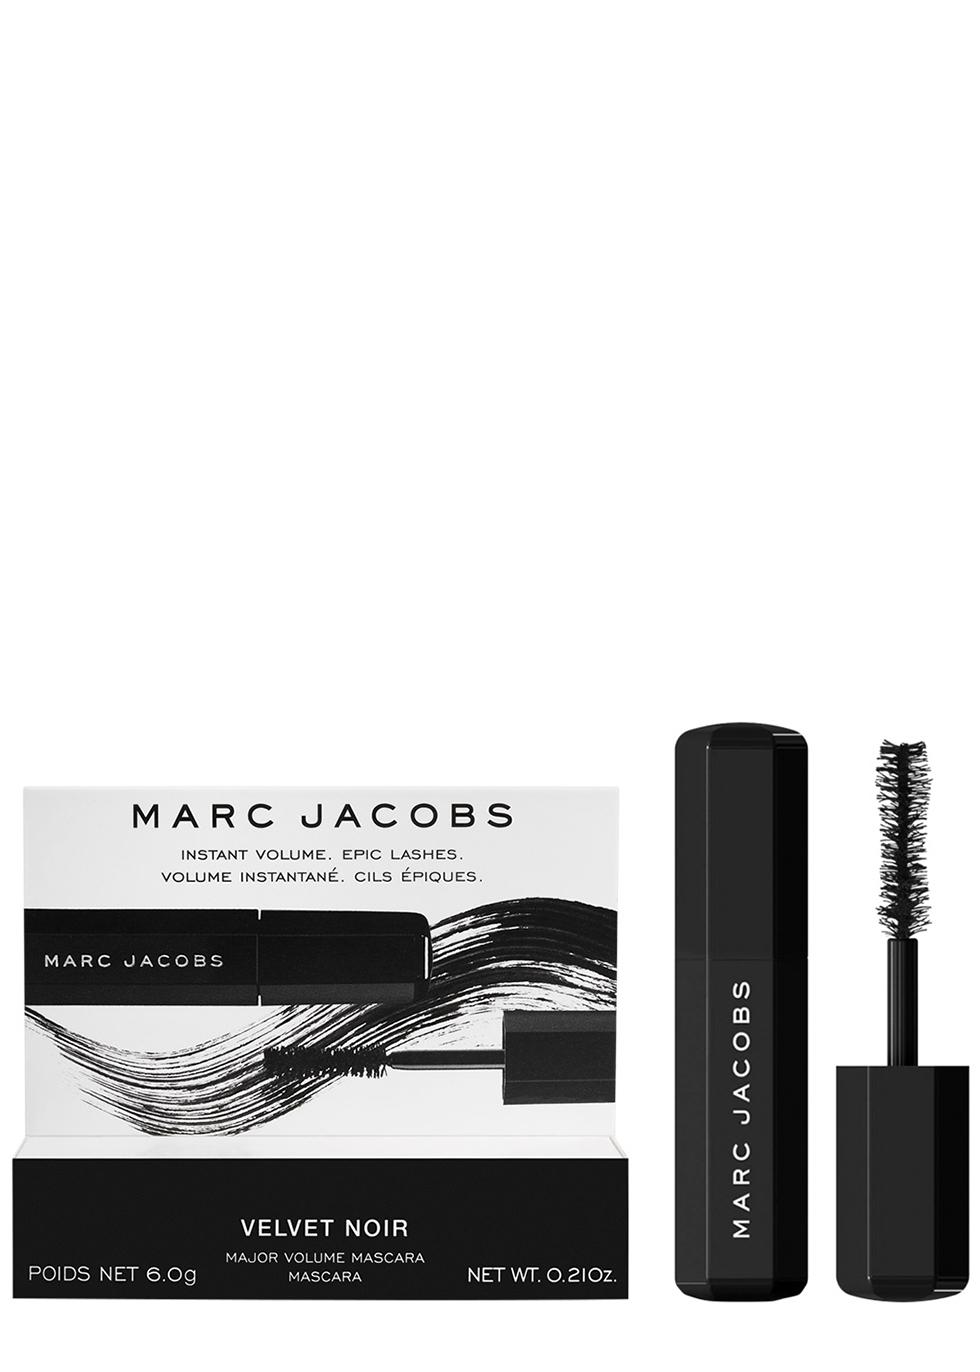 Velvet Noir Major Volume Mascara Travel-Size